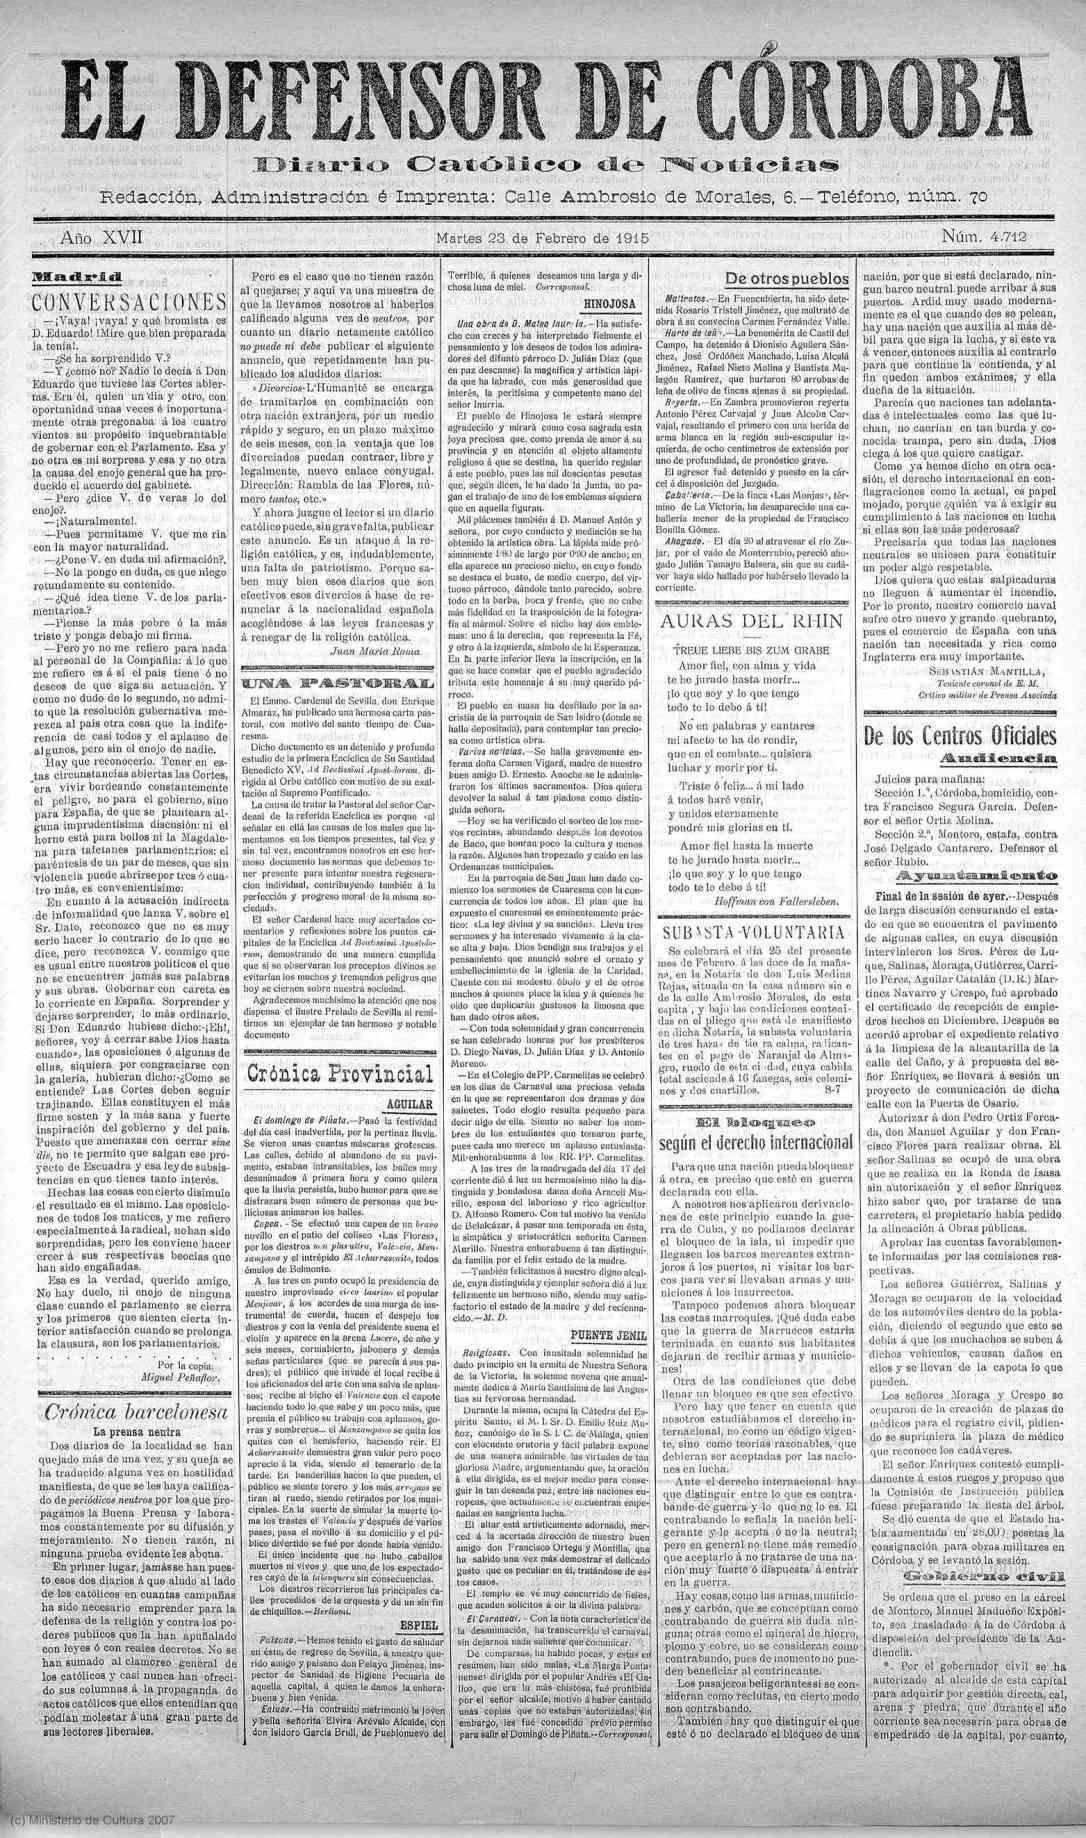 EL DEFENSOR DE CÓRDOBA, 23.02.1915. Pag.1. HINOJOSA DEL DUQUE